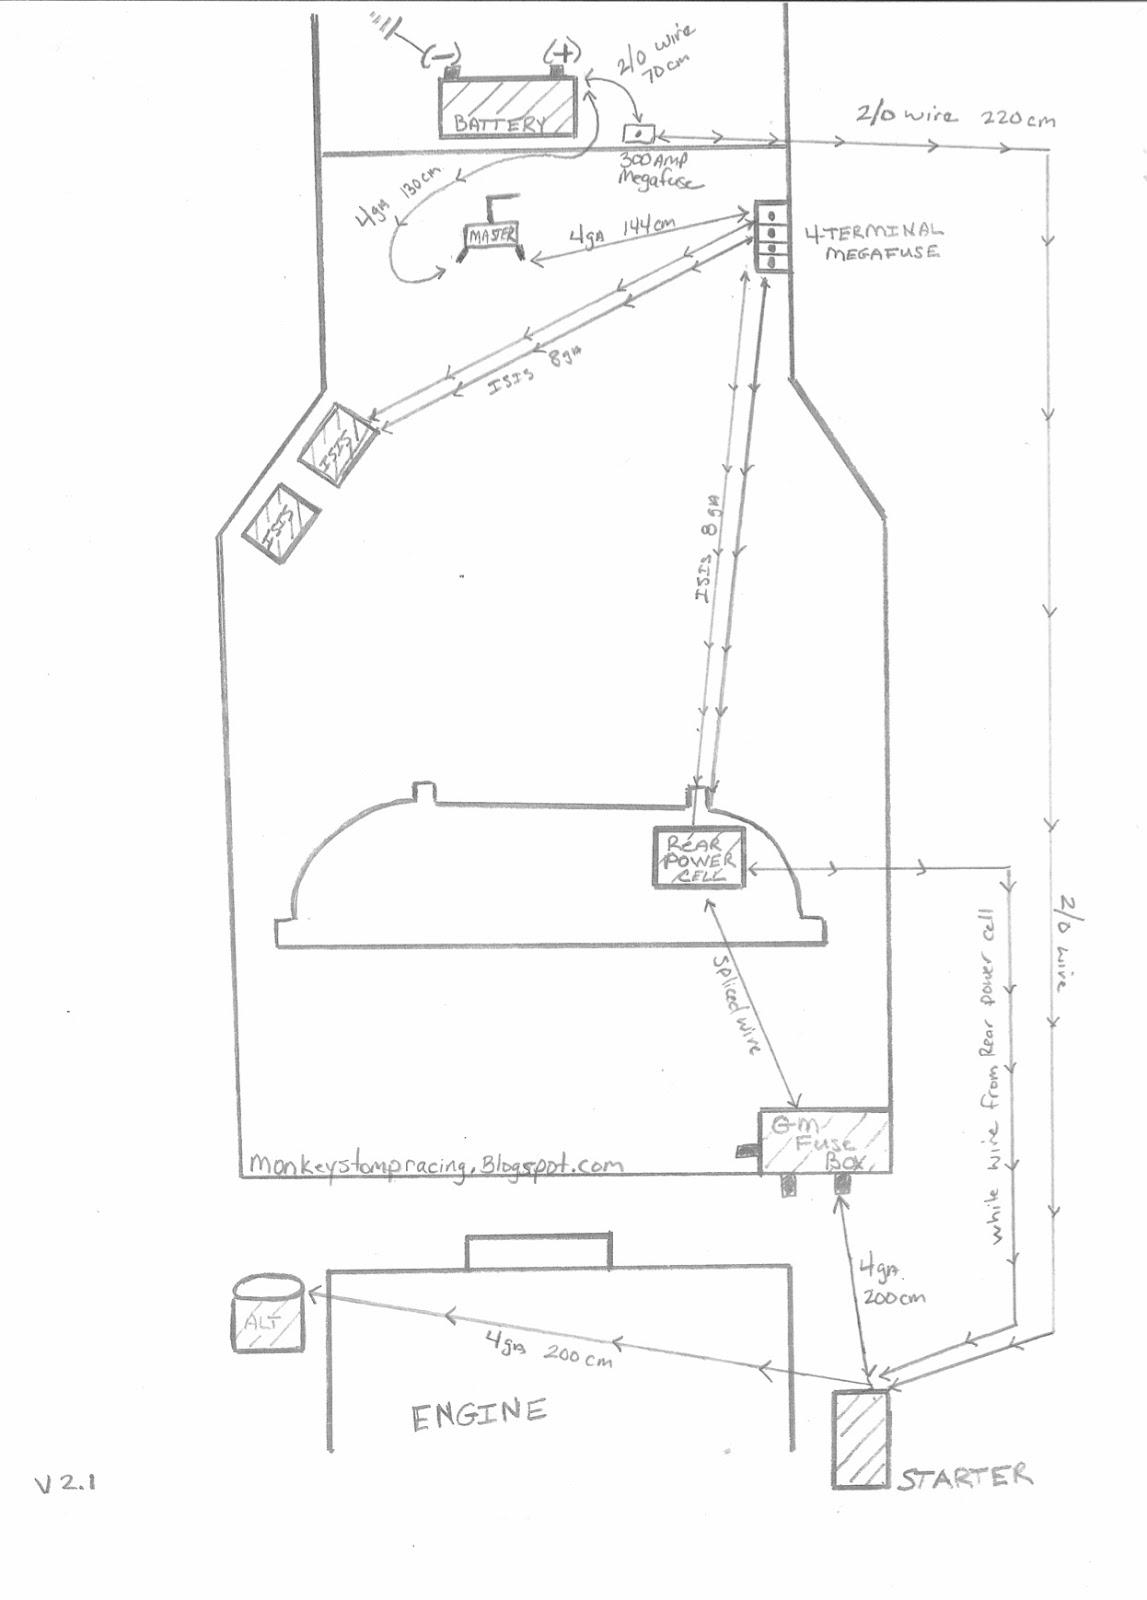 1954 International Farmall Wiring Diagram 1954 Automotive Wiring – Farmall M Wiring Diagram